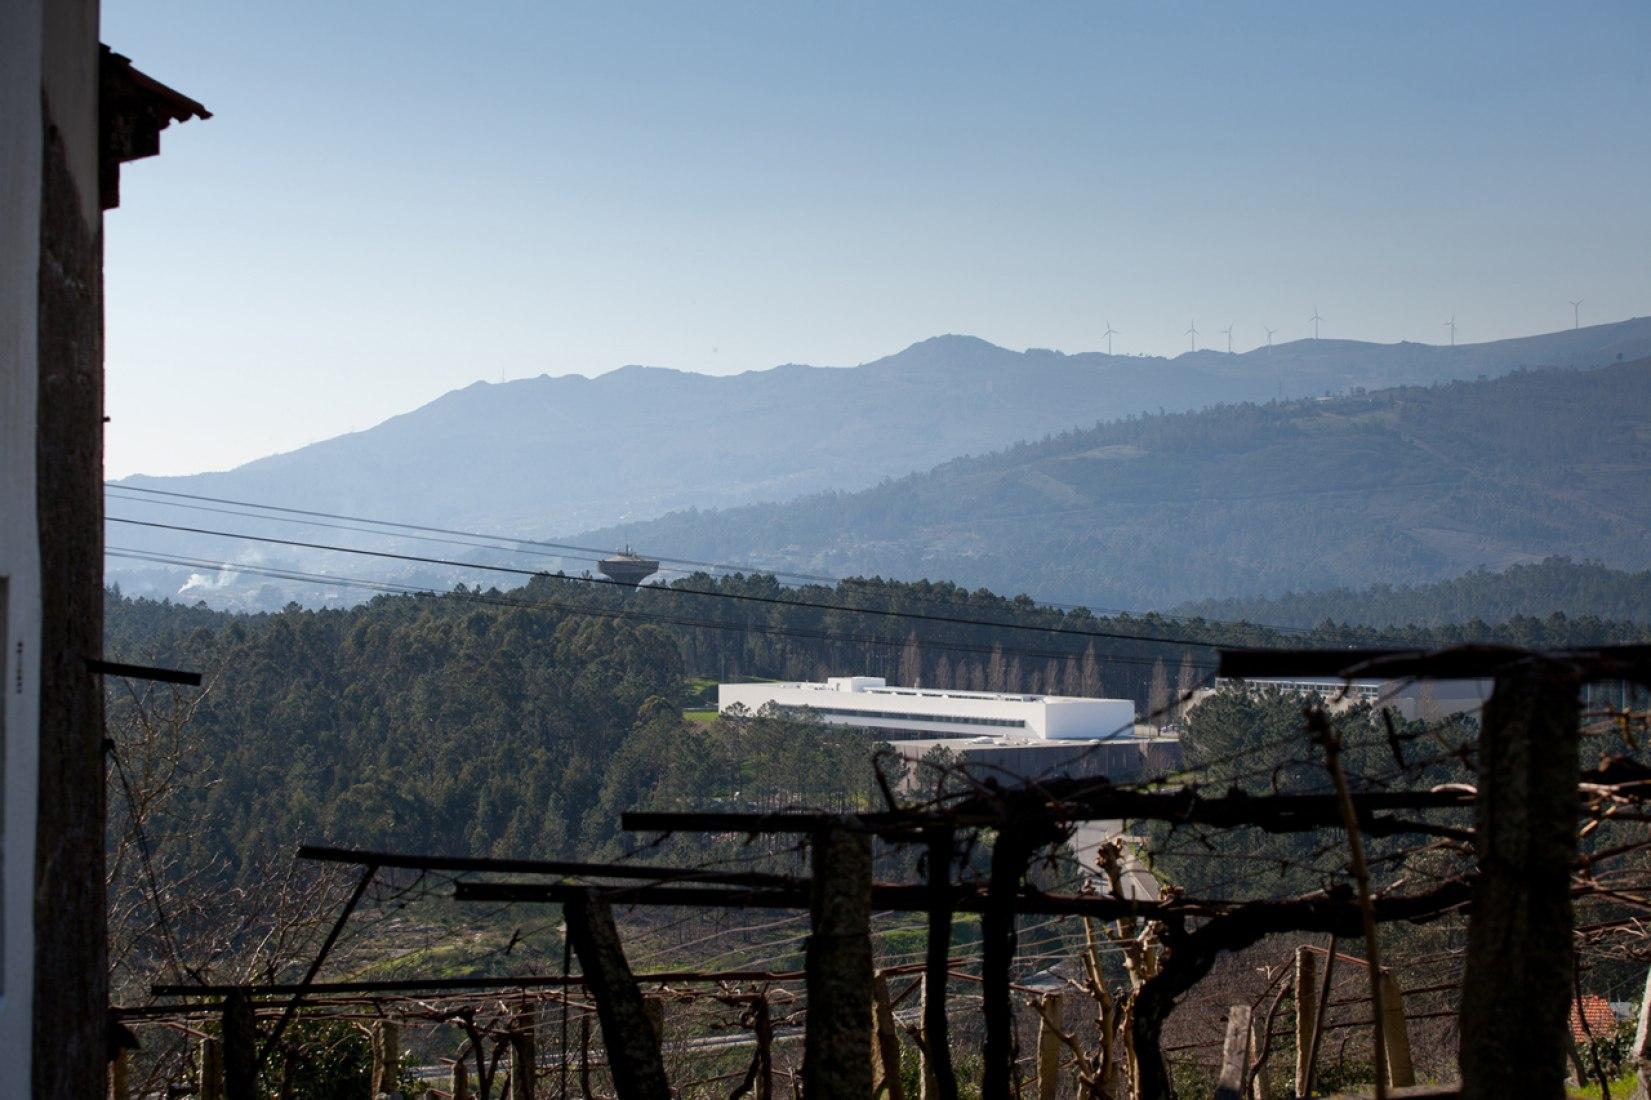 Vista exterior. Escuela de Deportes Monte Prado en Melgaço por Pedro Reis. Fotografía © José Campos.